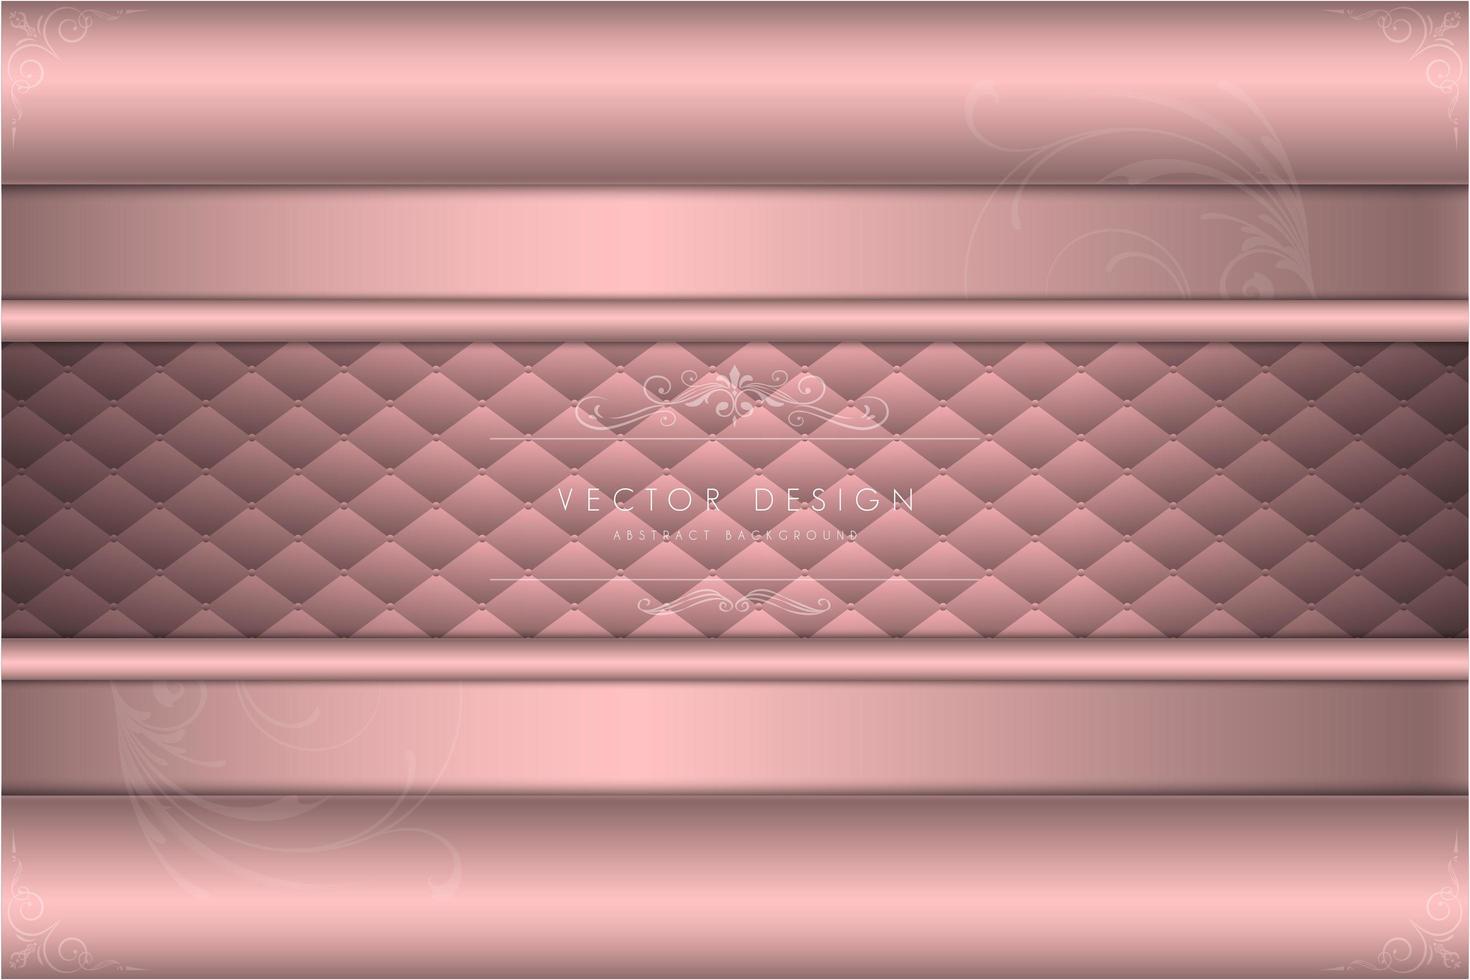 Luxus rosa Metall mit Polsterhintergrund vektor